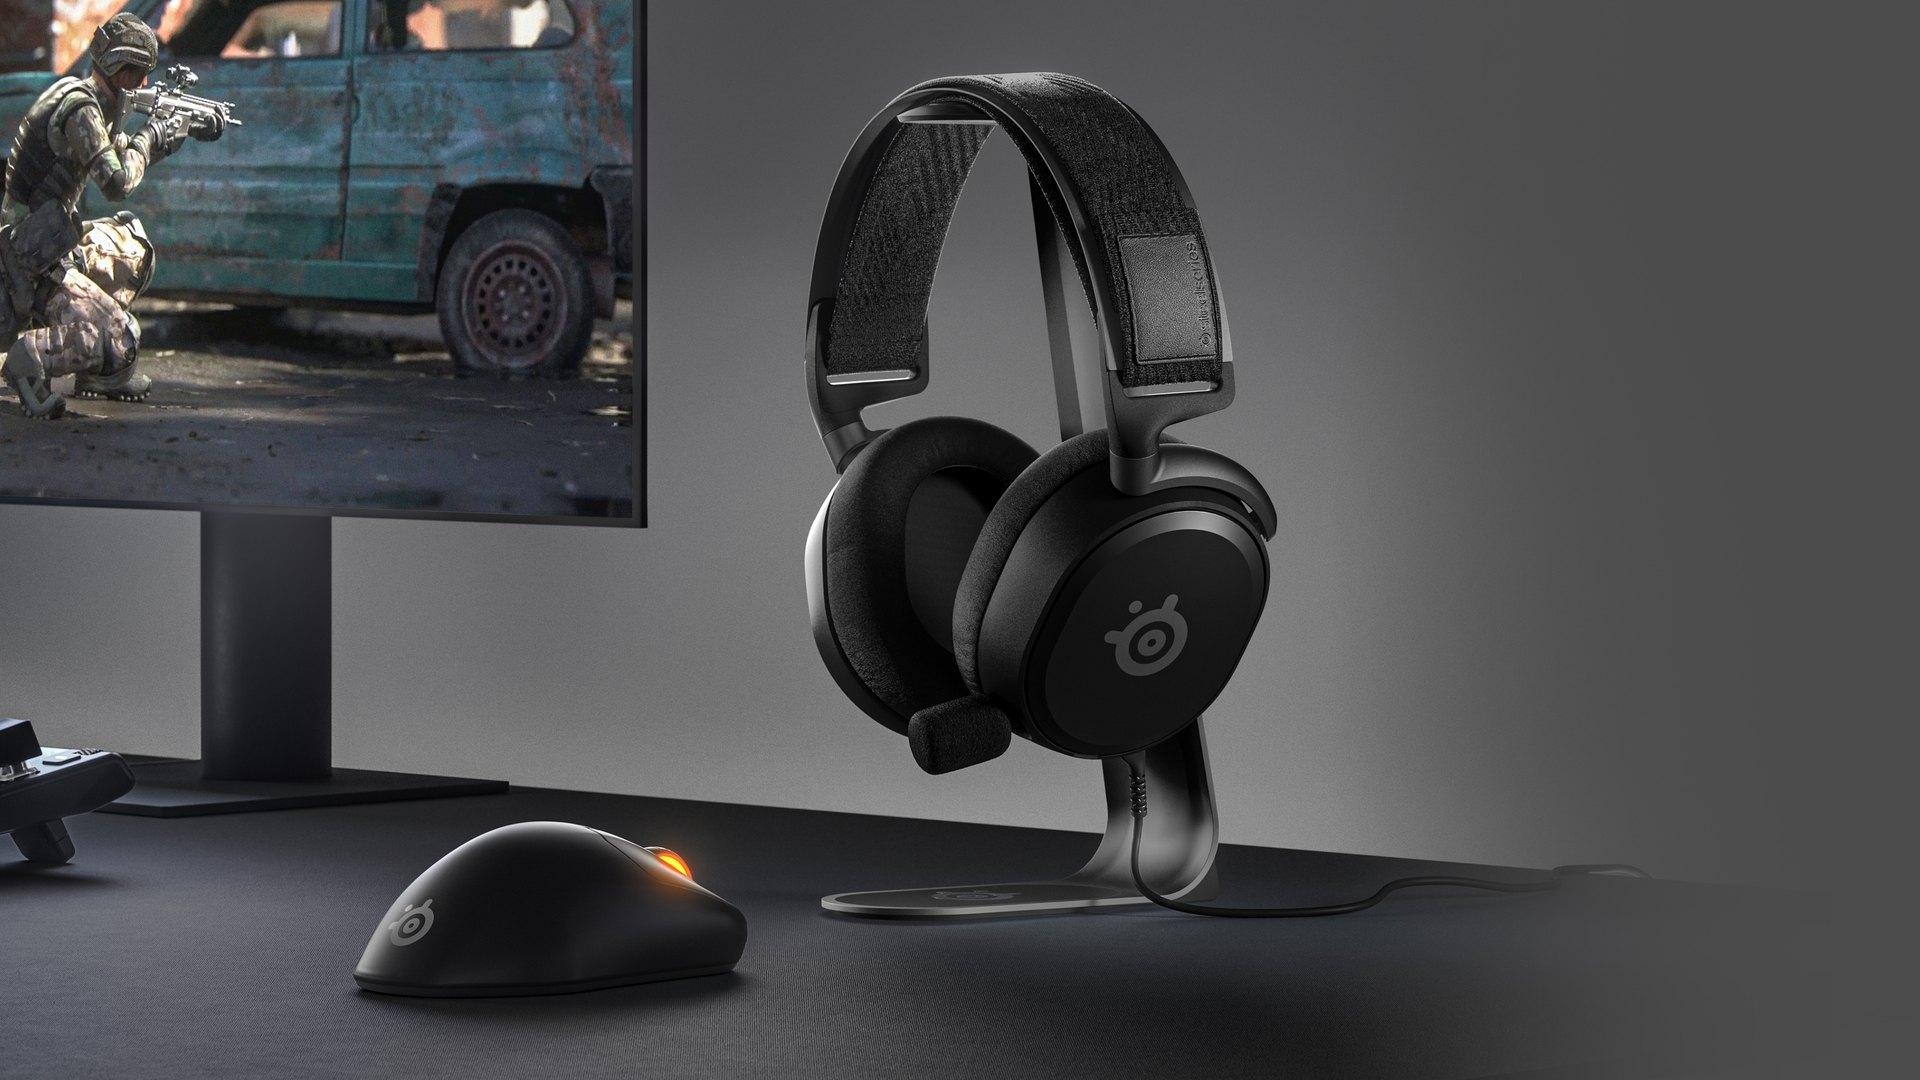 時尚的桌上型電腦配備,搭配 Arctis Prime 耳機與 Prime 無線滑鼠。